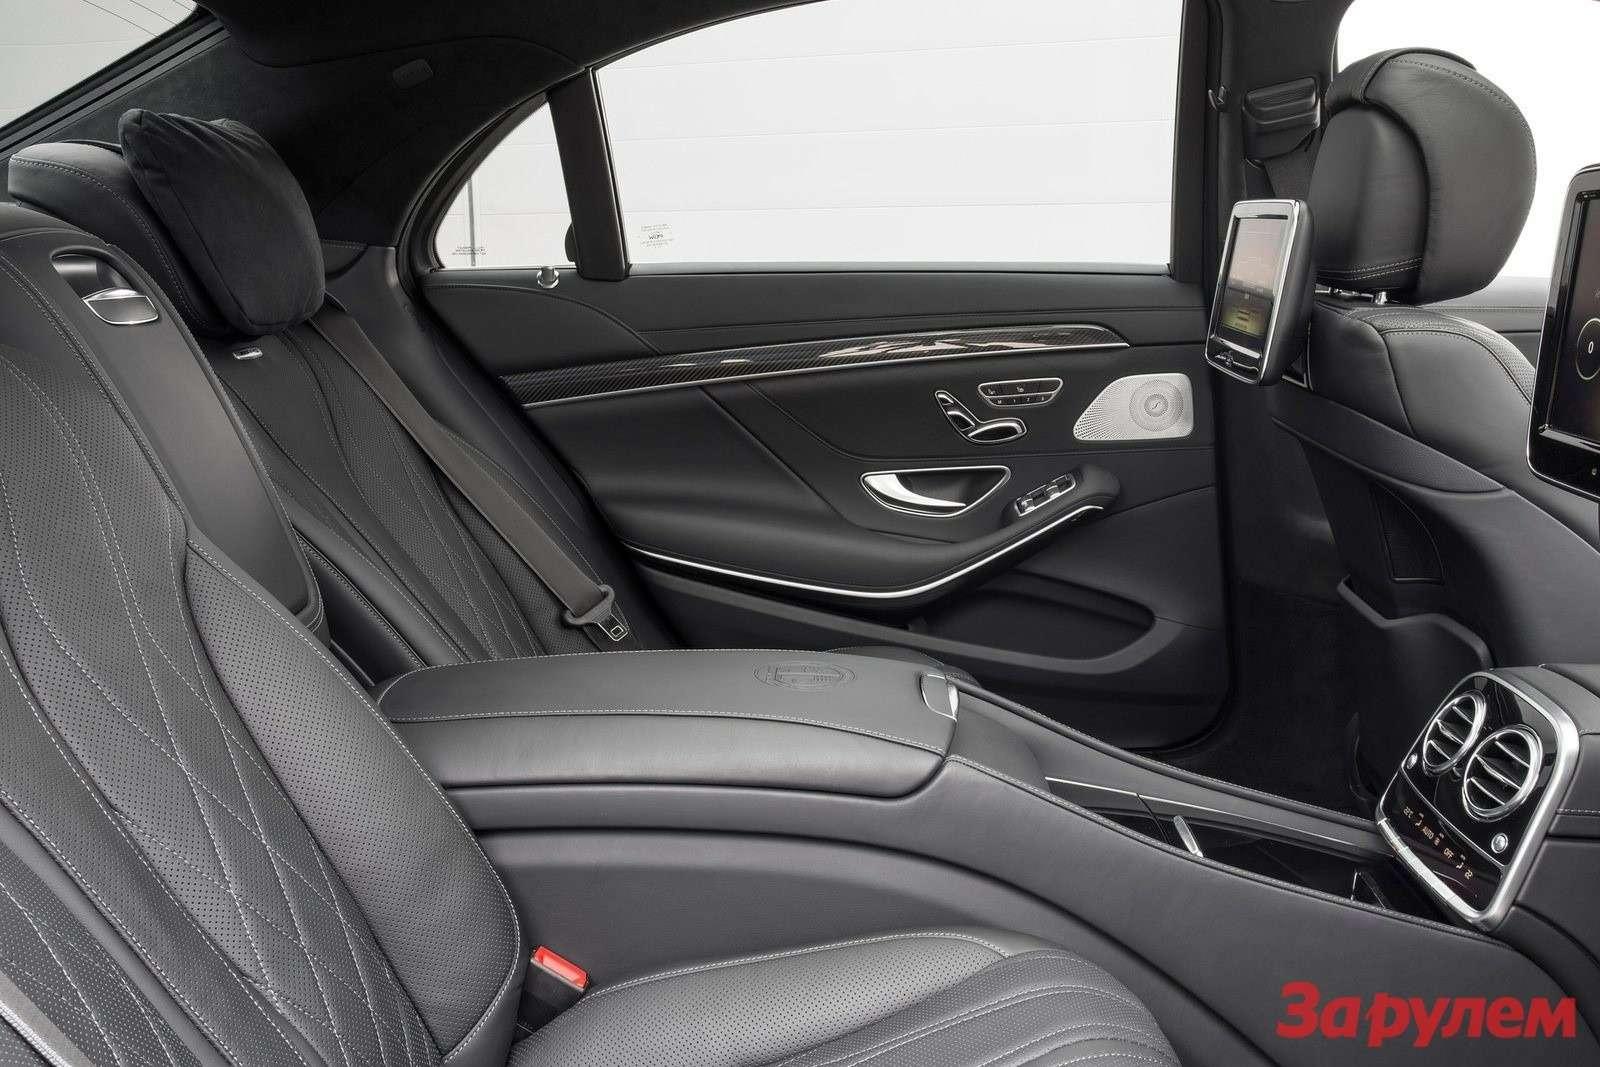 Mercedes Benz S63AMG 2014 1600x1200 wallpaper 1e